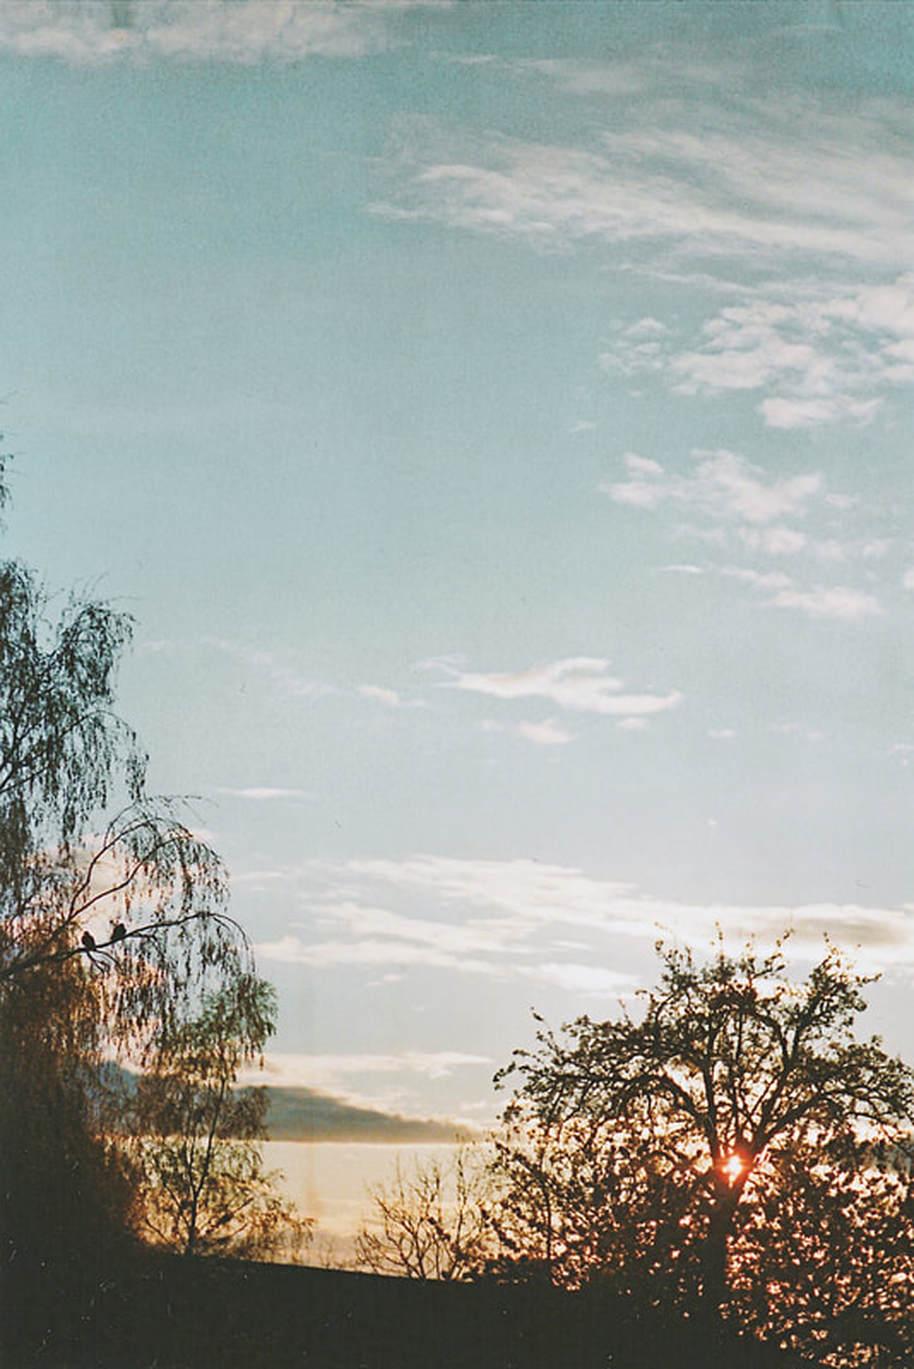 scn-0036.jpg